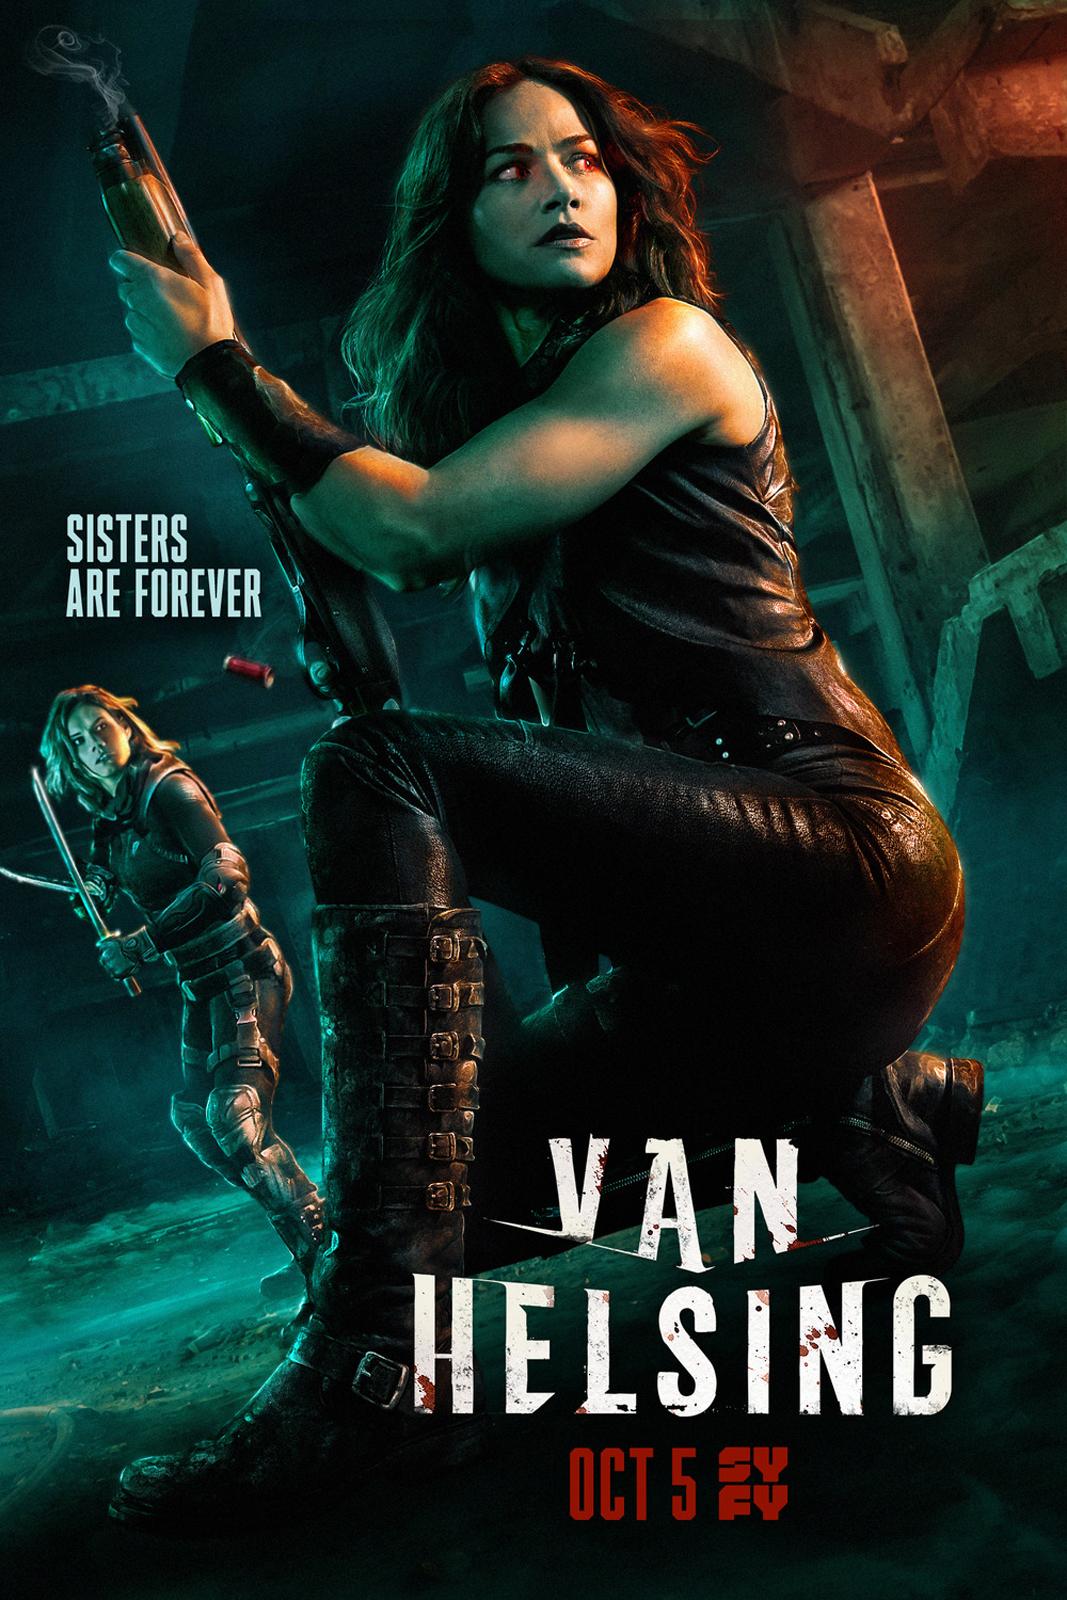 Van Helsing Serie Completa Dual 1080p